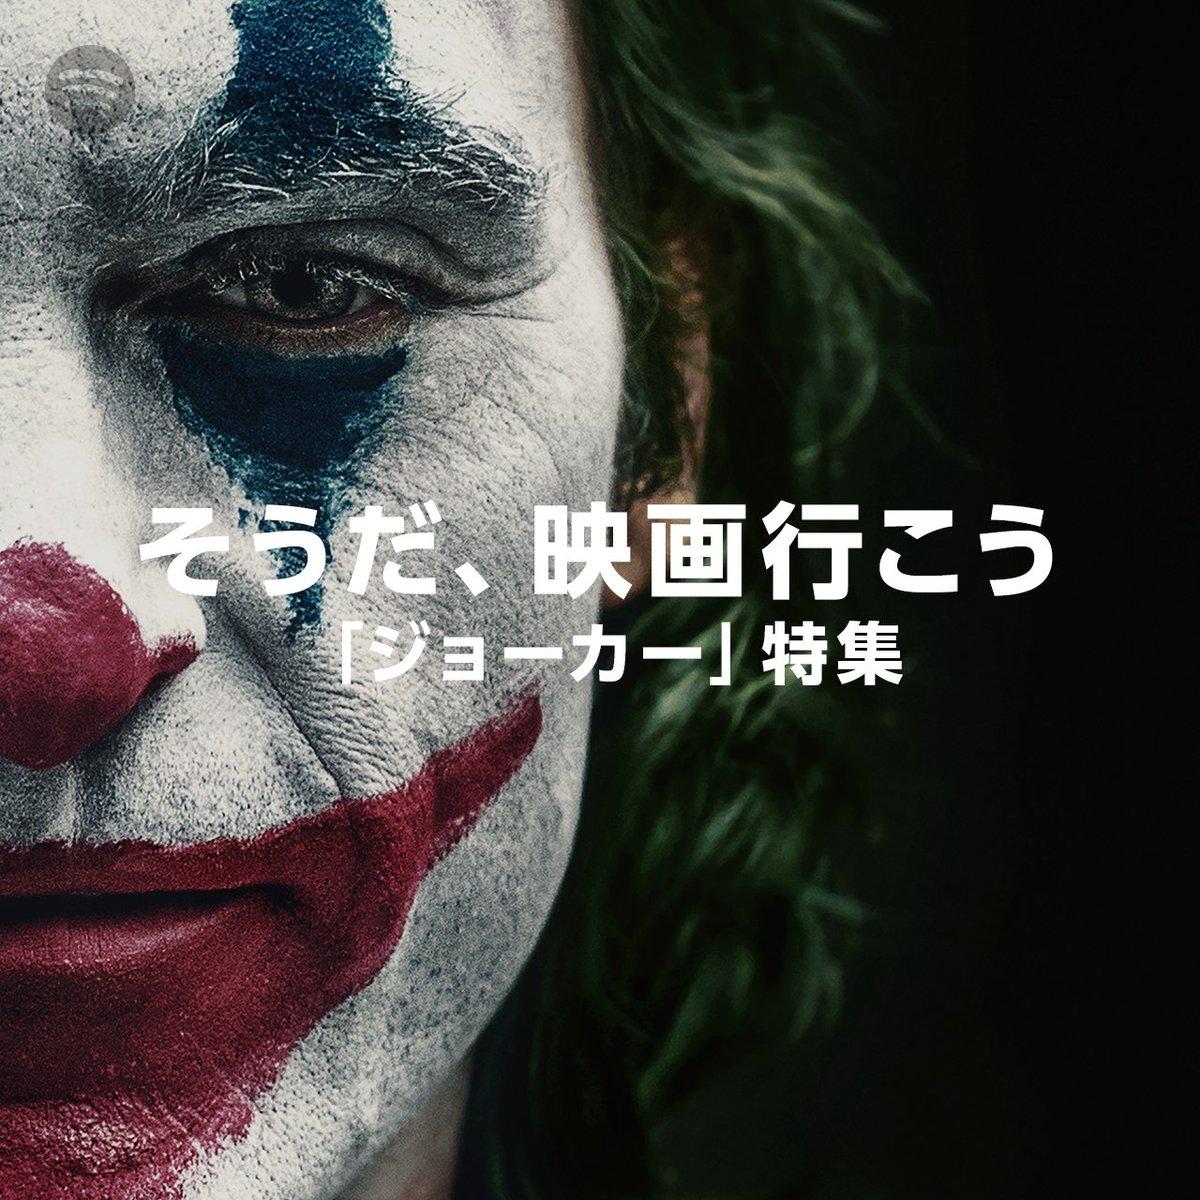 そうだ、映画行こう プレイリストでは『#ジョーカー』特集が公開中🎬🃏 悲劇か喜劇か、全く新しい狂気の衝撃作『ジョーカー』の音楽世界へ…▶️ spoti.fi/moviesongs @warnerjp @dc_jp